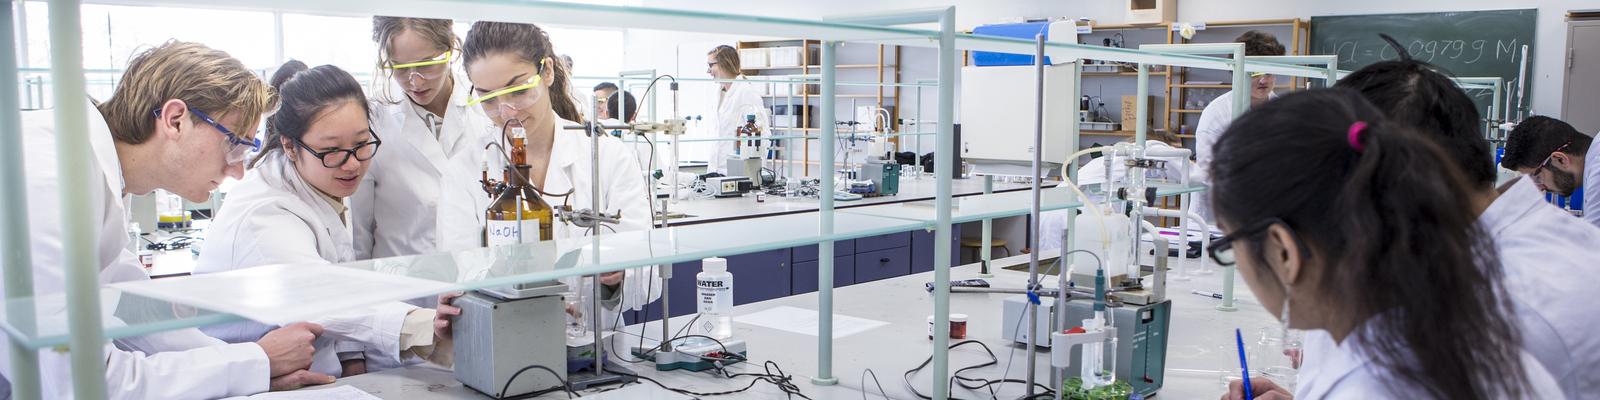 Wetenschap in de Gouden Eeuw (4 maart 2020)